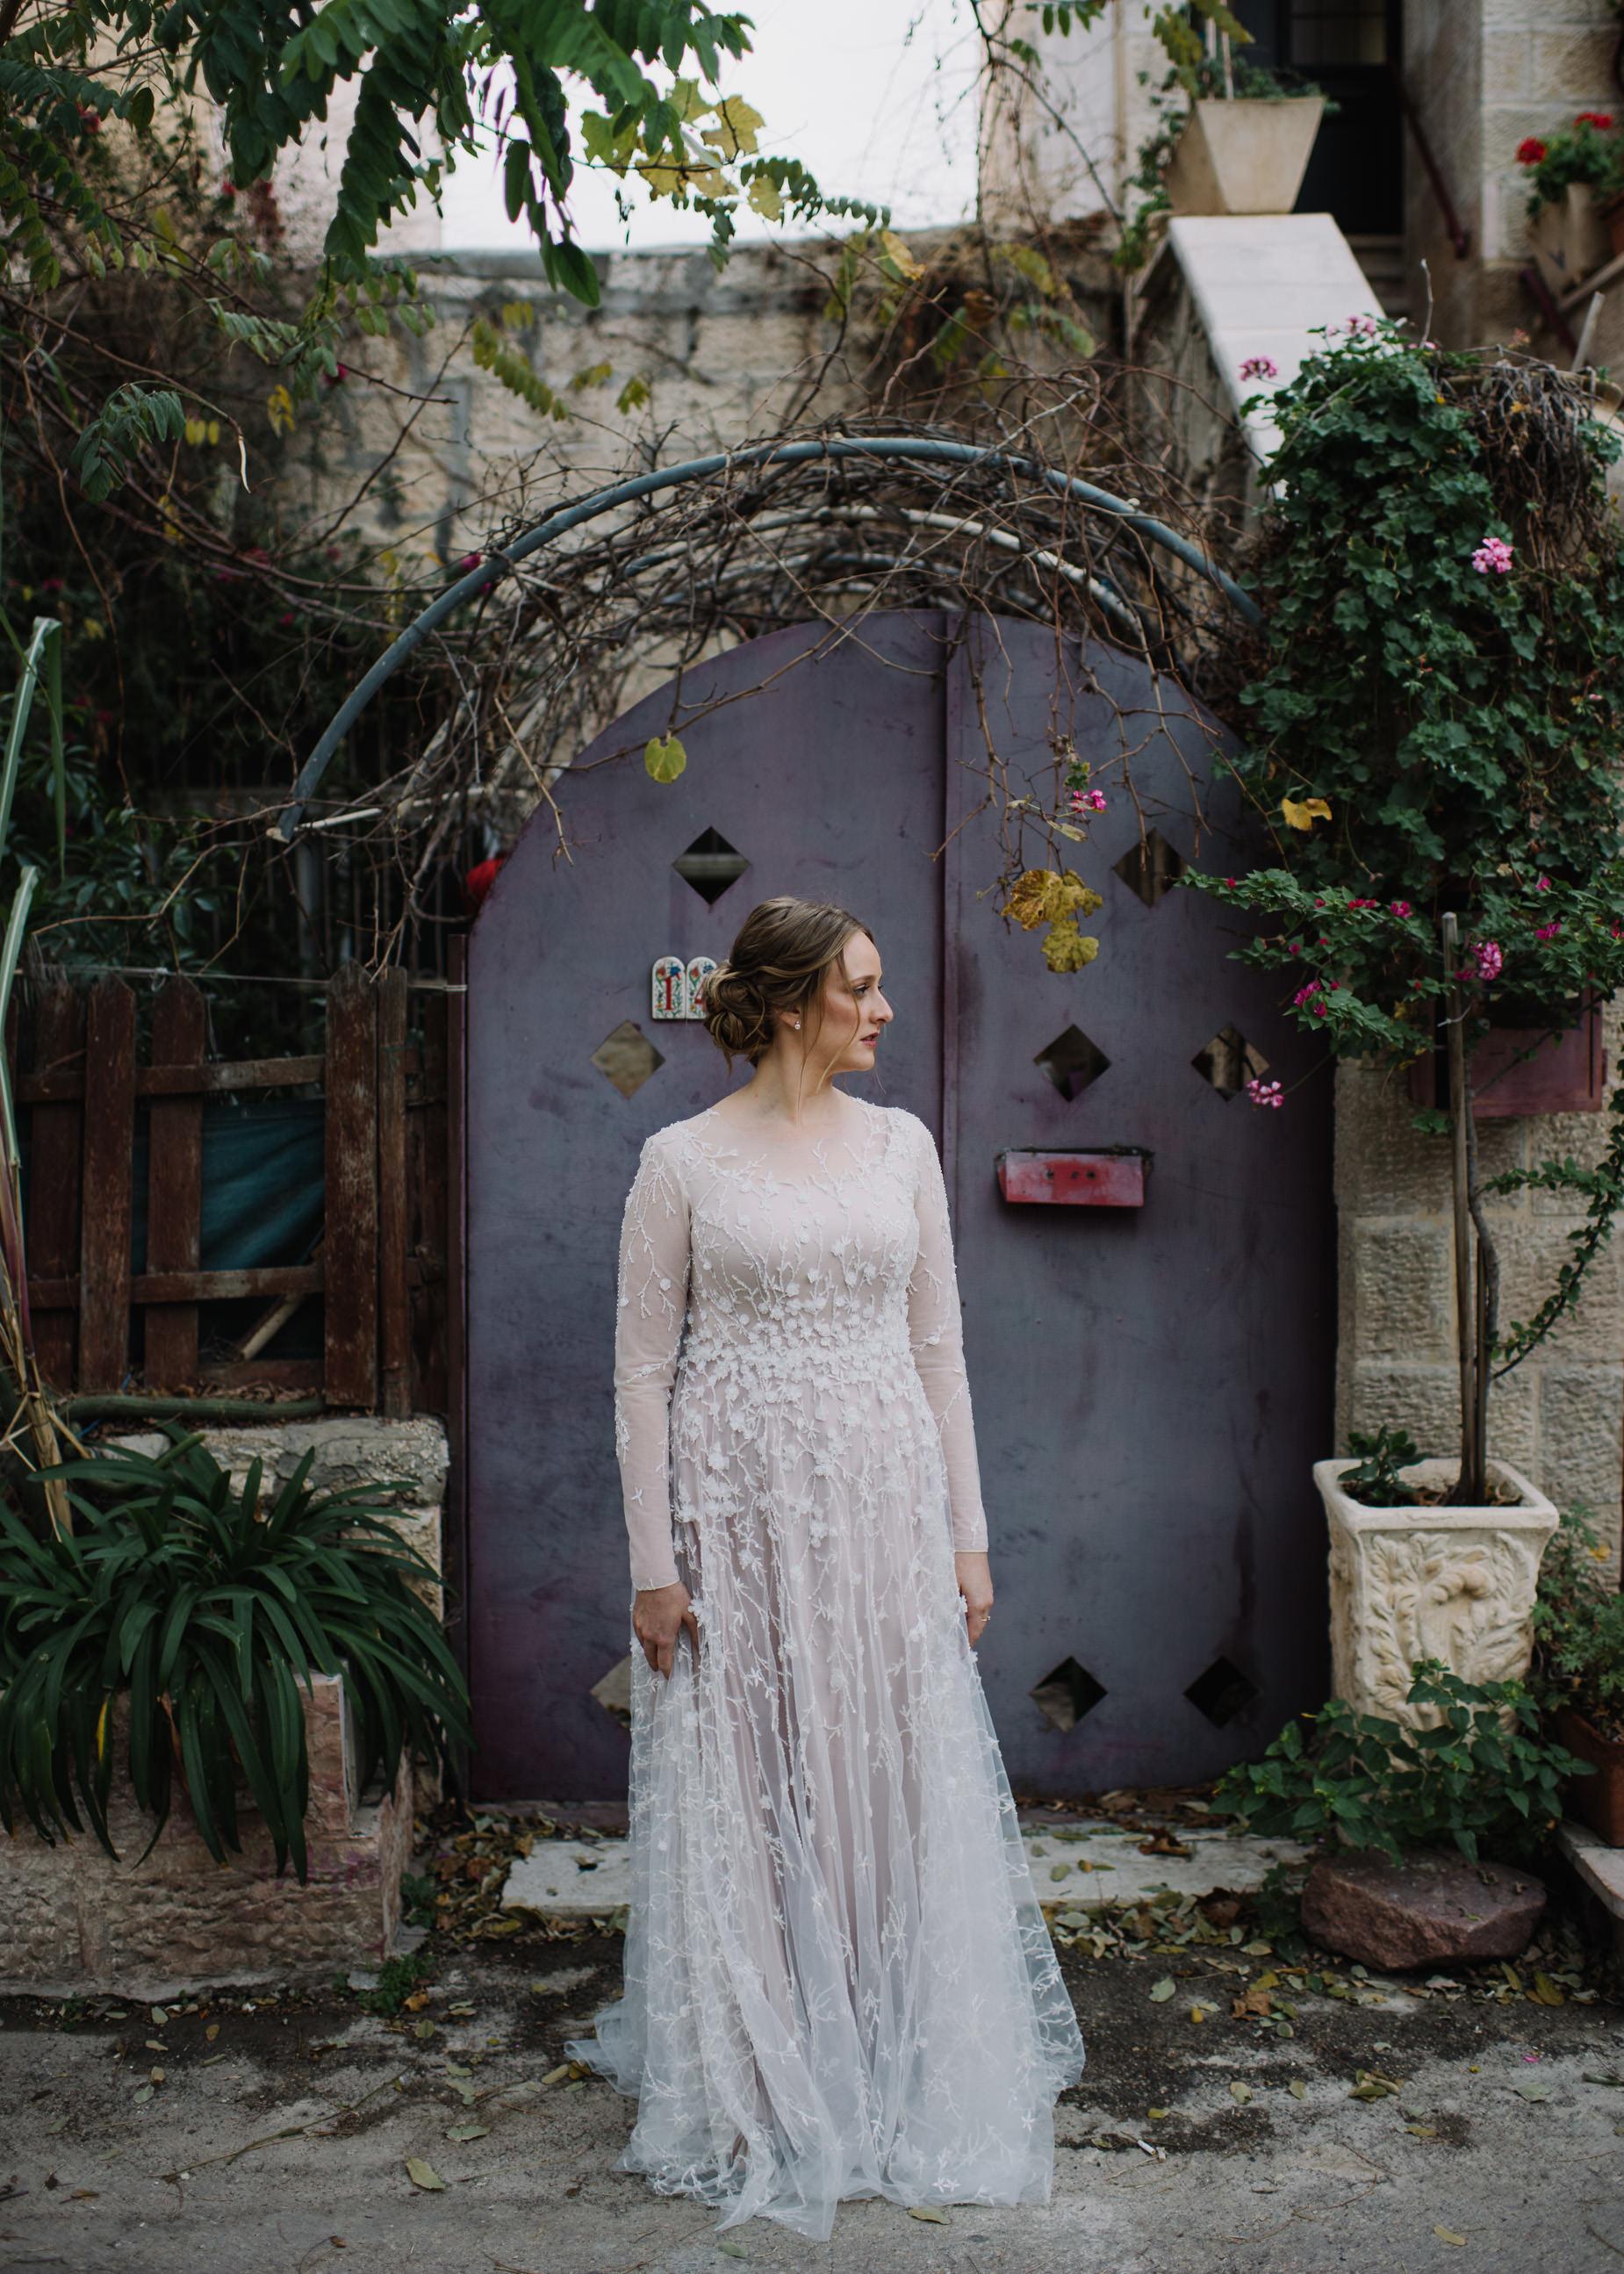 Jewish Bride in Jerusalem alley way